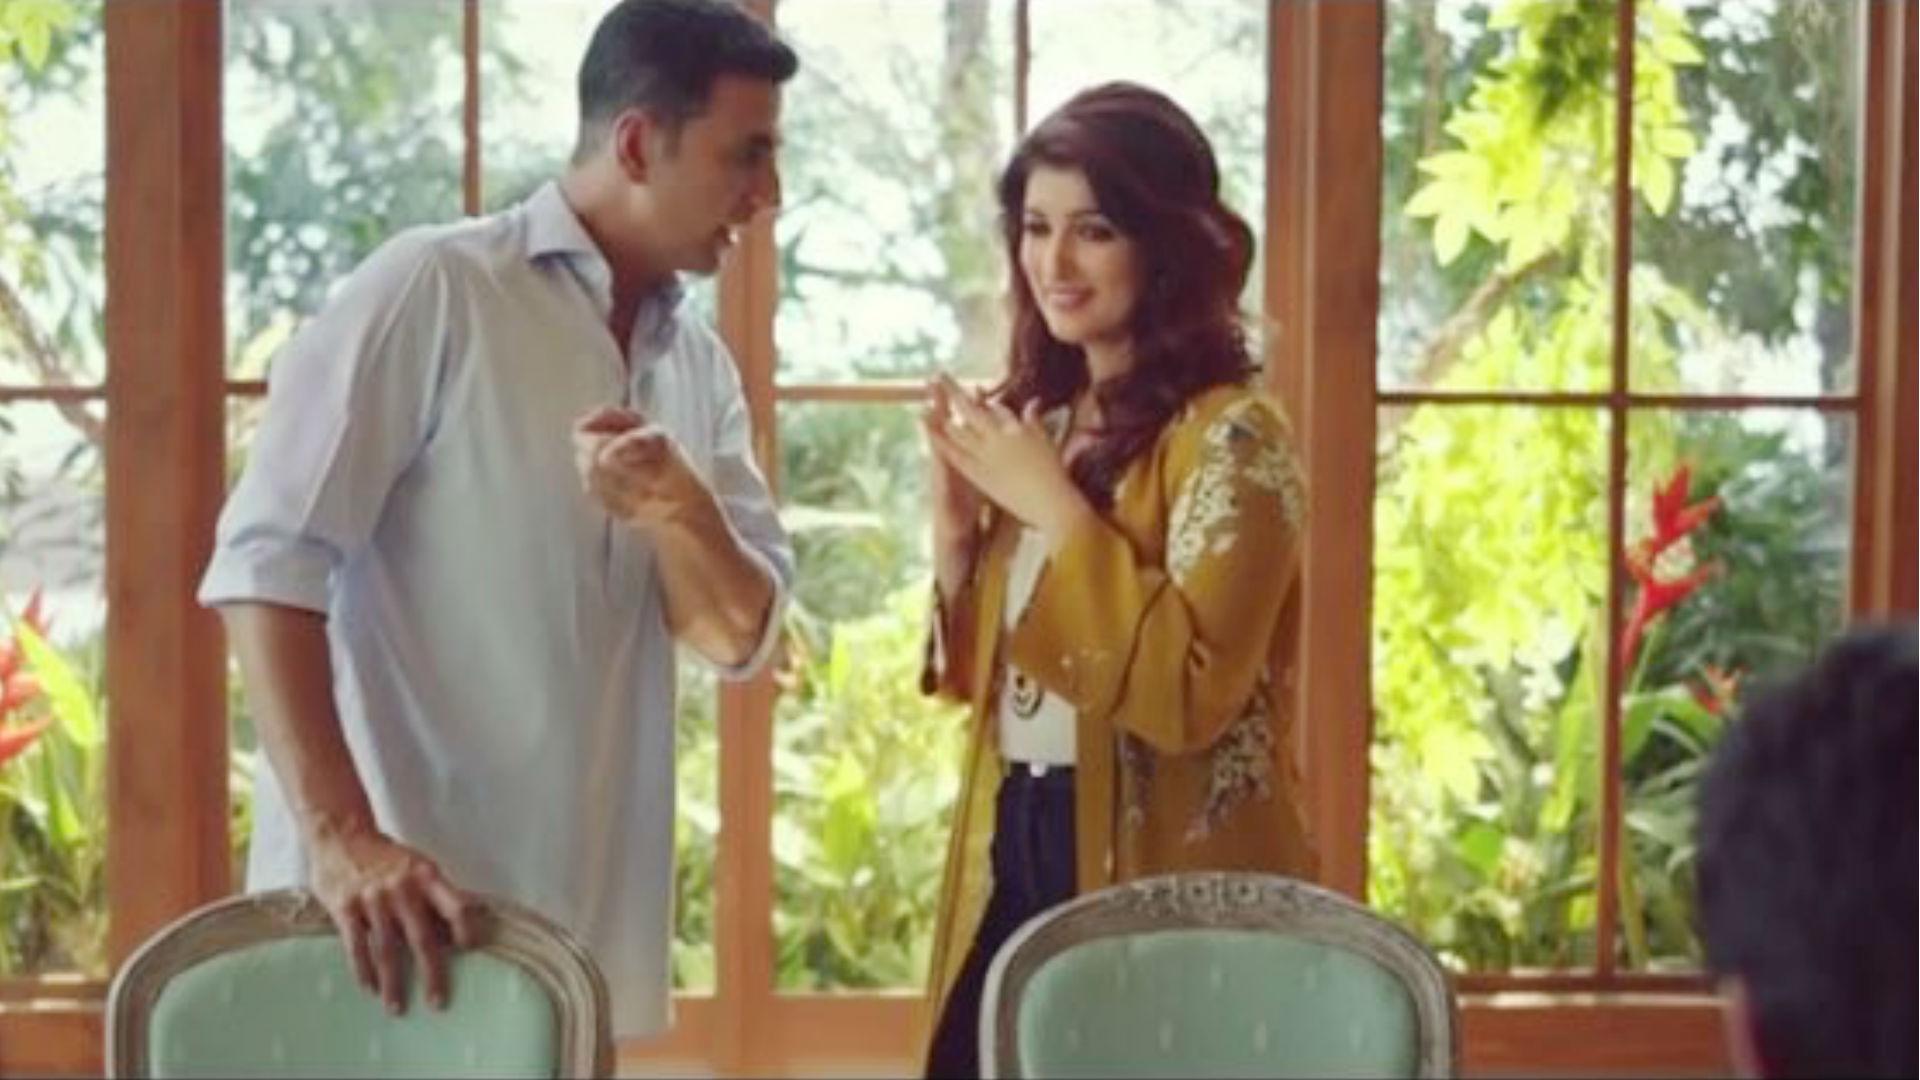 वेलेंटाइन डे पर अक्षय कुमार ने बोला गल्ली गर्ल, तो ट्विंकल खन्ना ने गाया- अपना टाइम आएगा, देखें वीडियो